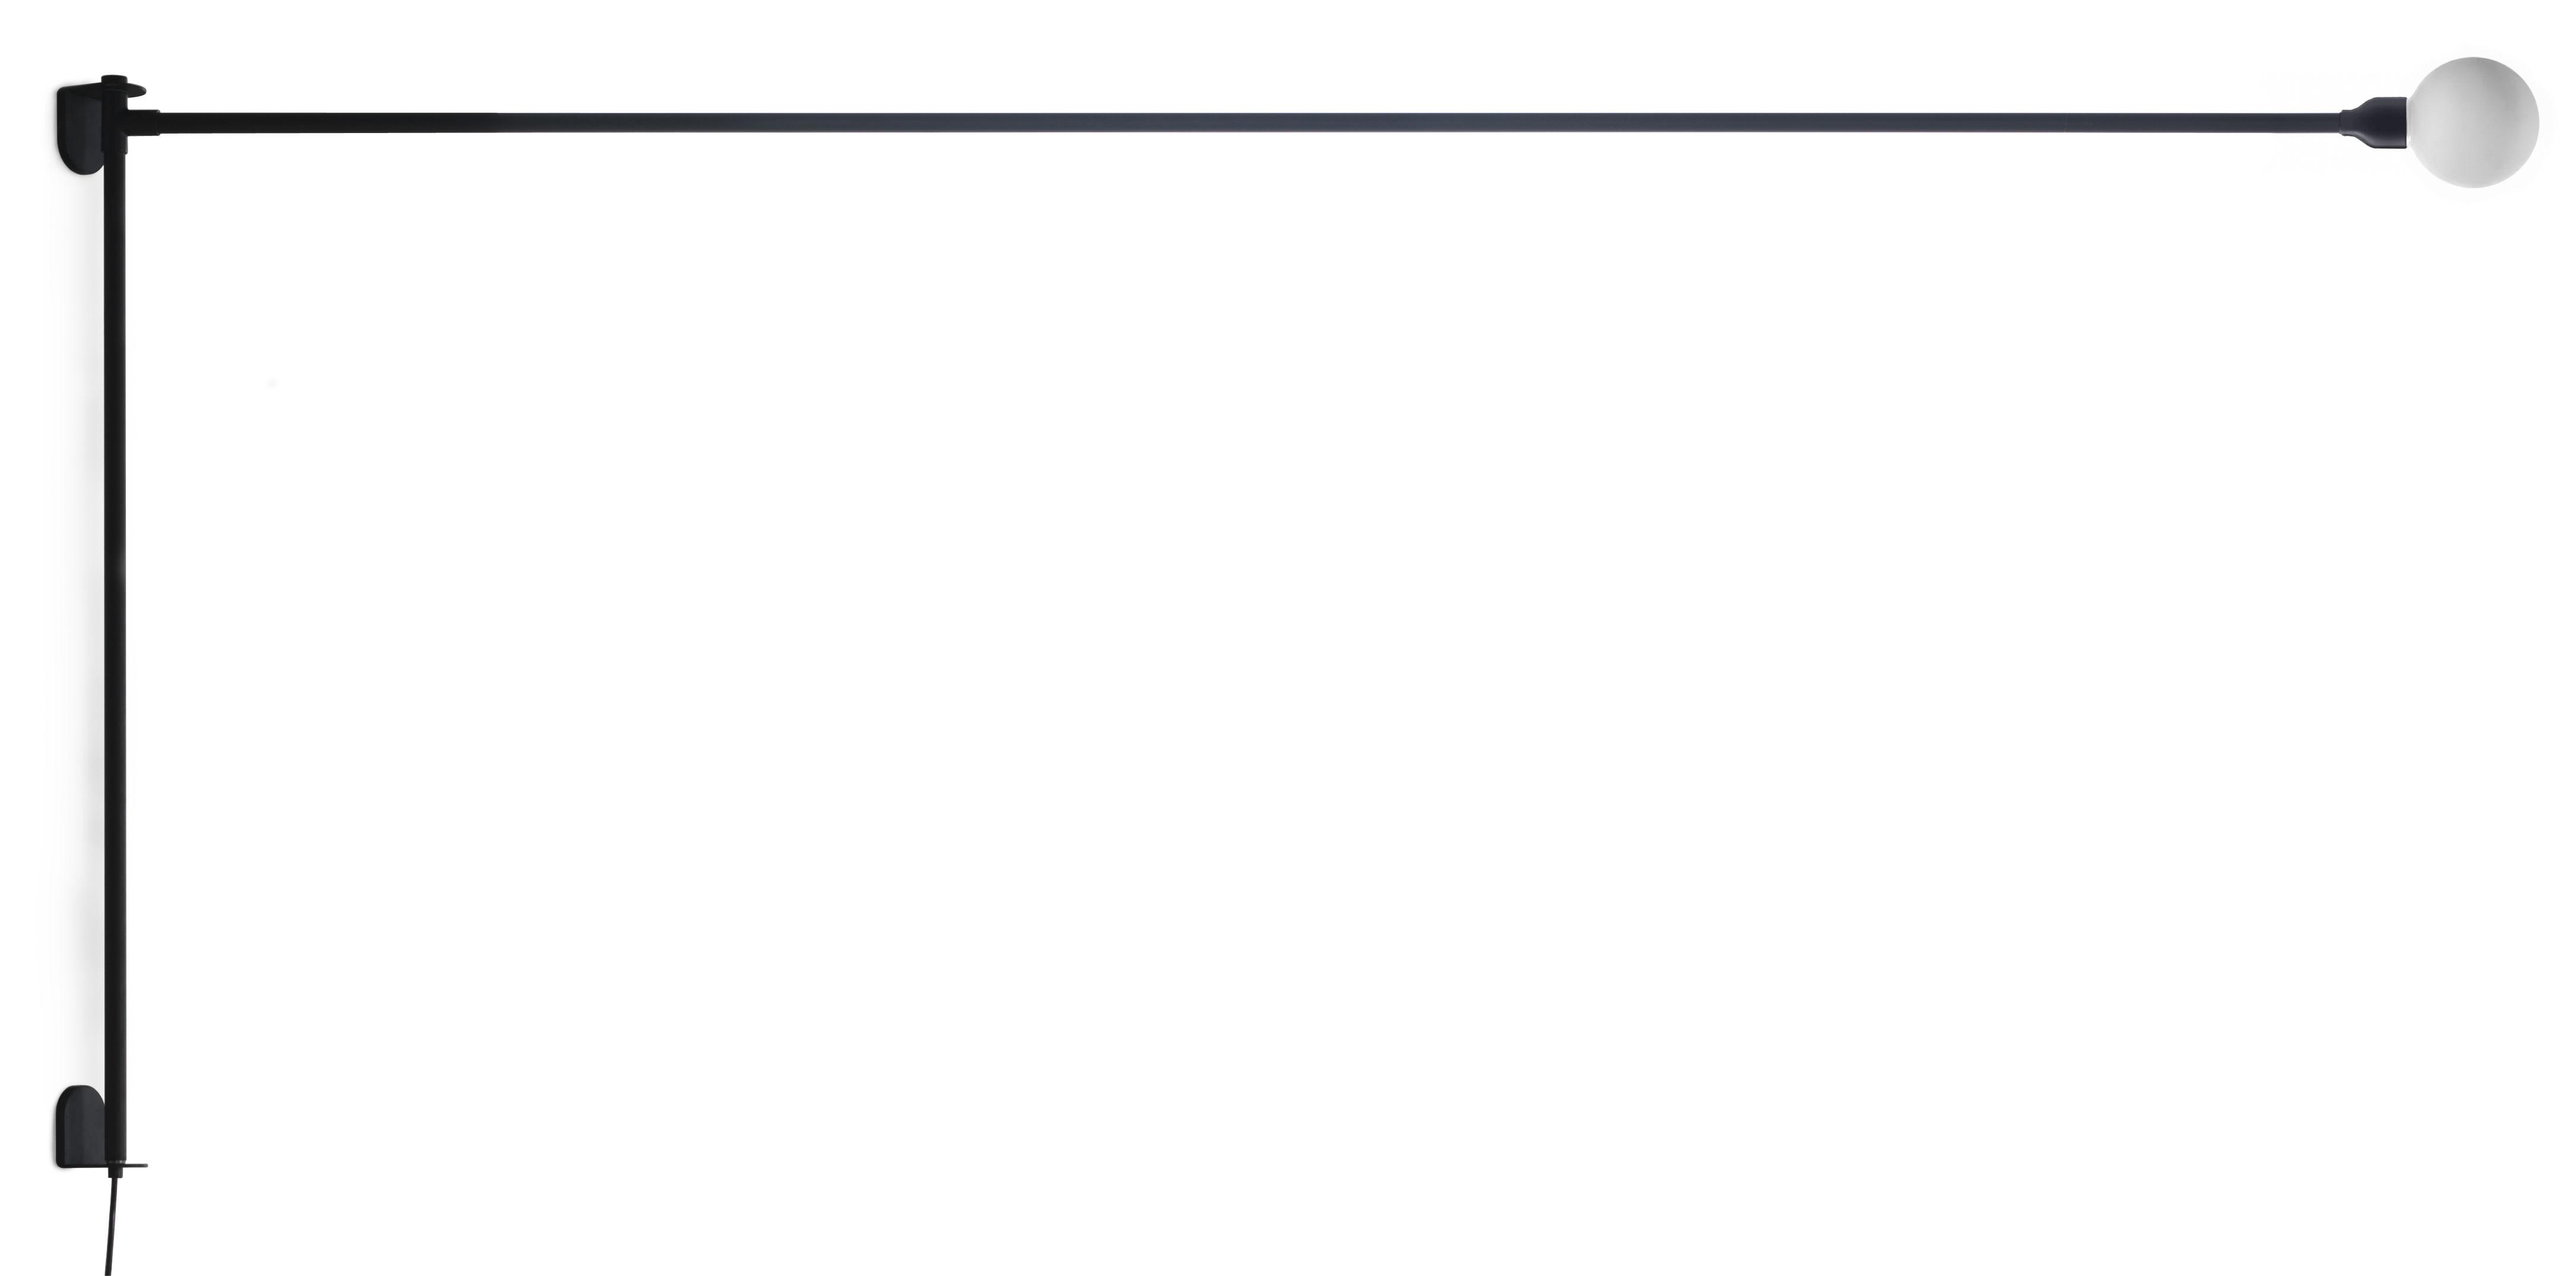 Leuchten - Wandleuchten - Potence pivotante by Charlotte Perriand Wandleuchte mit Stromkabel / Neuauflage des Originals aus dem Jahr 1938 - L 200 cm - Nemo - Schwarz - bemaltes Metall, Glas